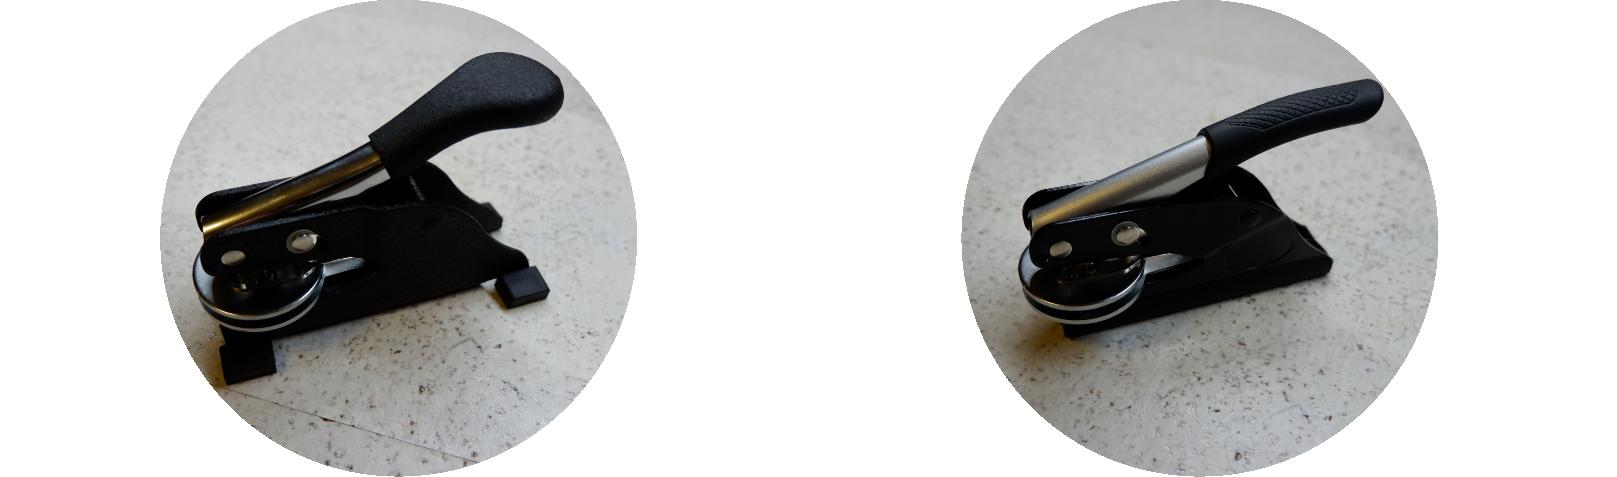 Оснастки для рельефных печатей Бутово